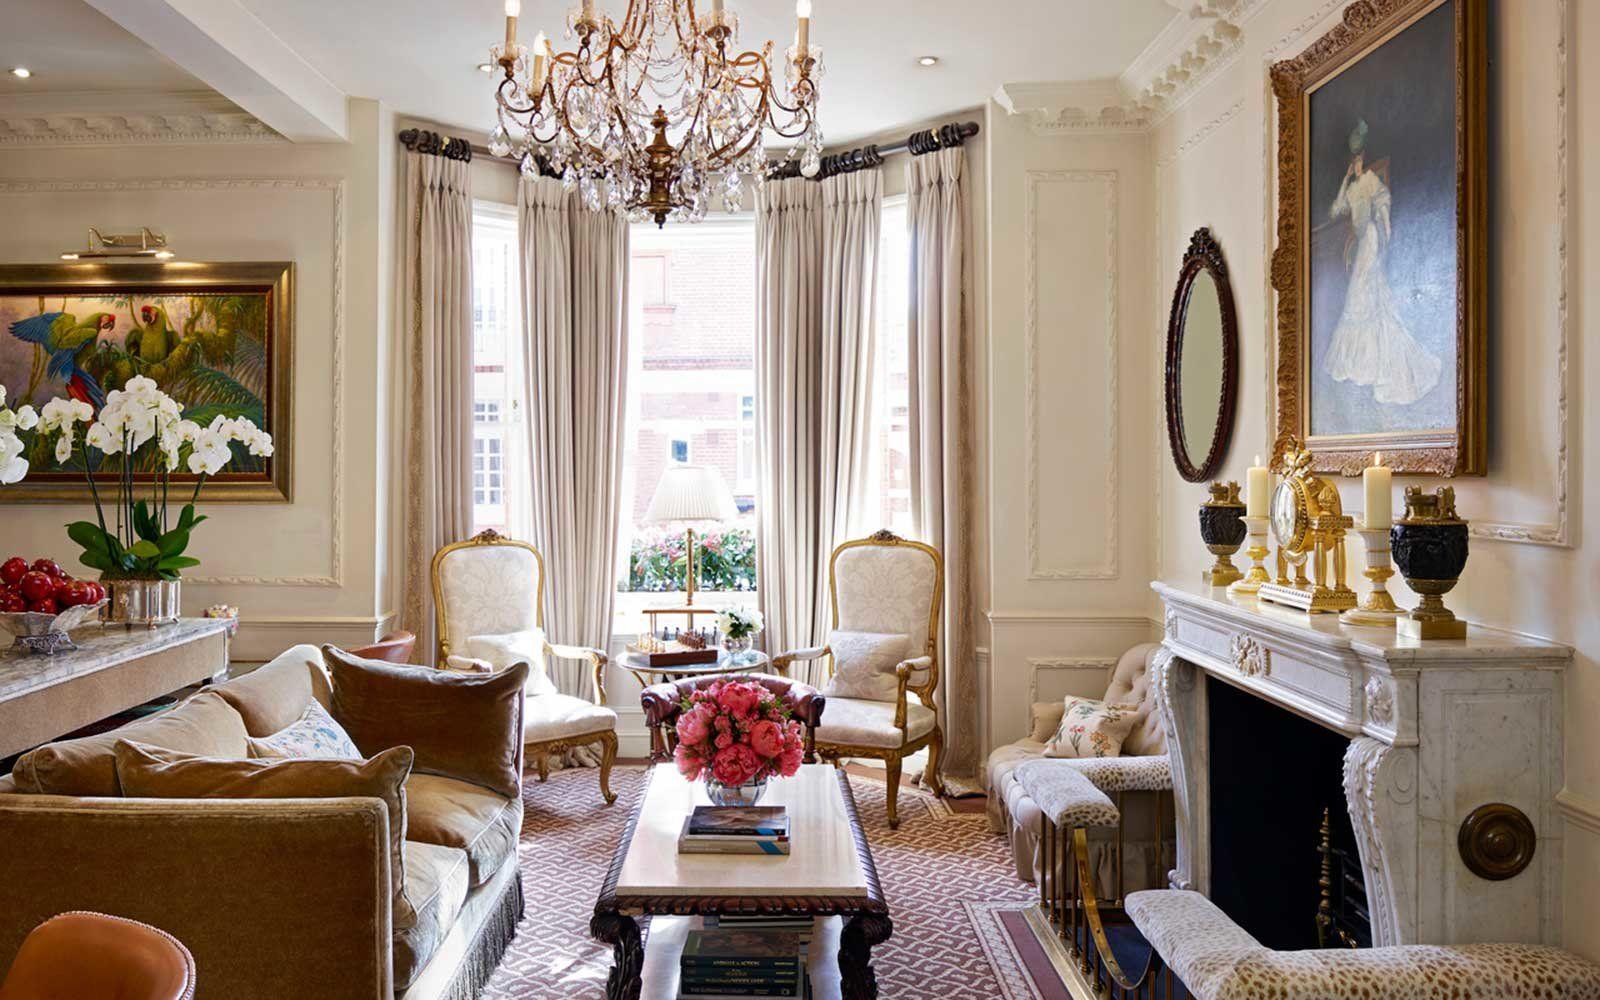 Английская гостиная с колониальными деталями: фото 2019 года